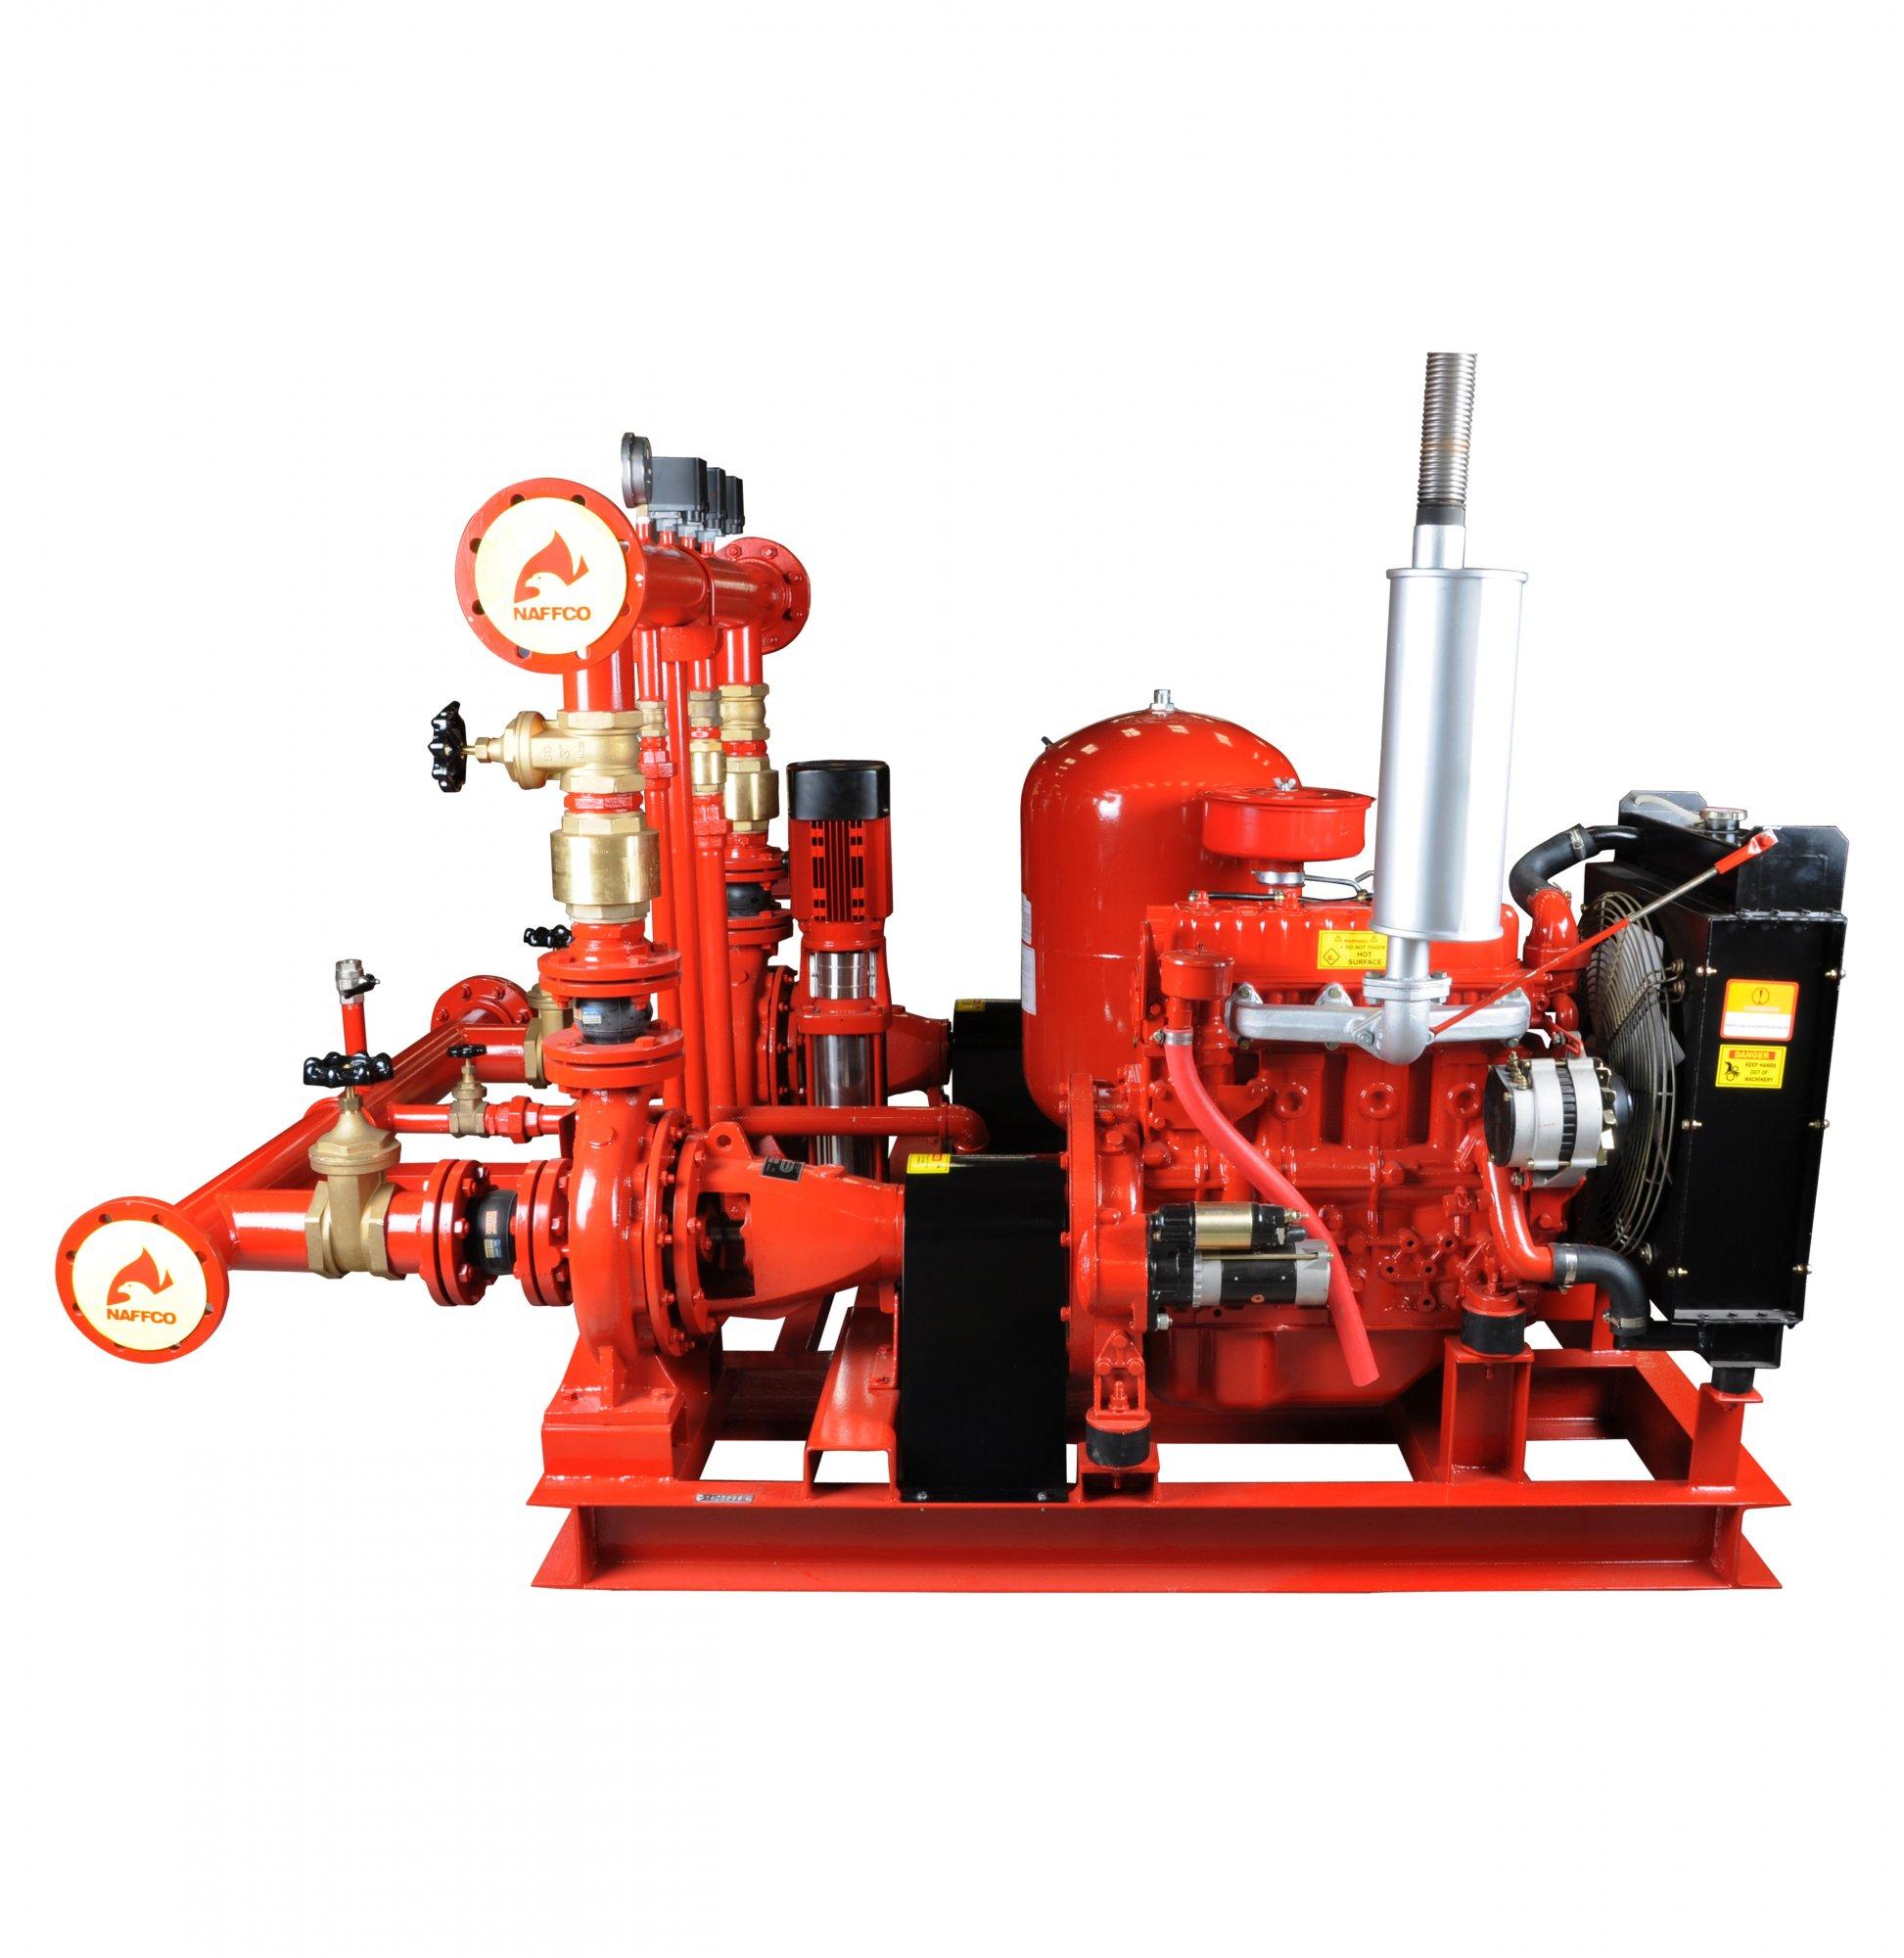 Nps Series Fire Pump Set